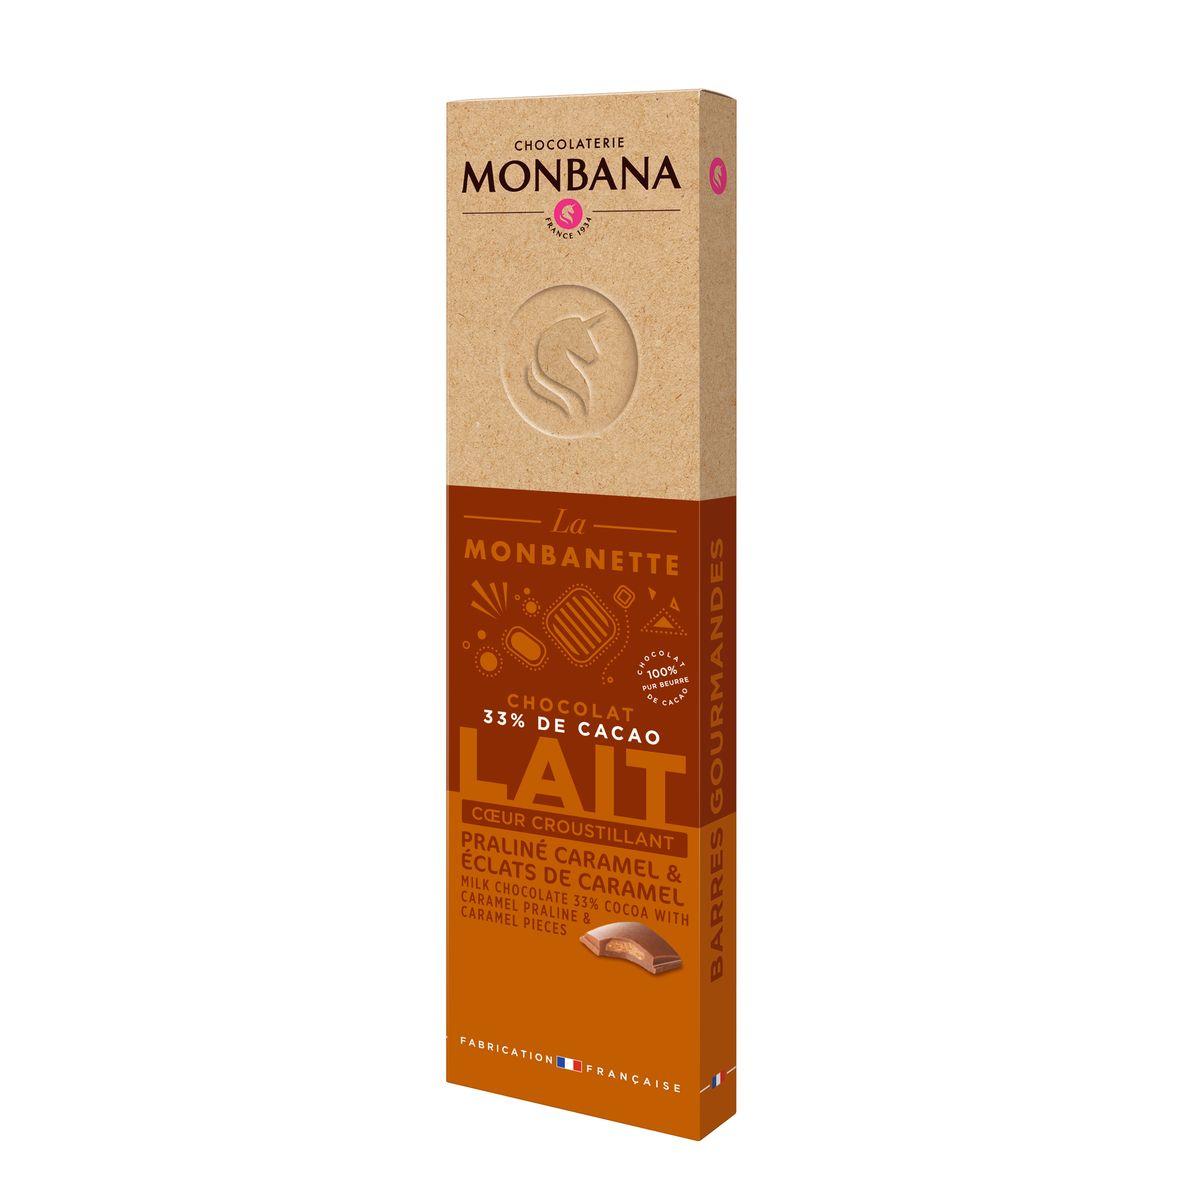 Barre de chocolat au lait fourré au praliné caramel 40g - Monbana